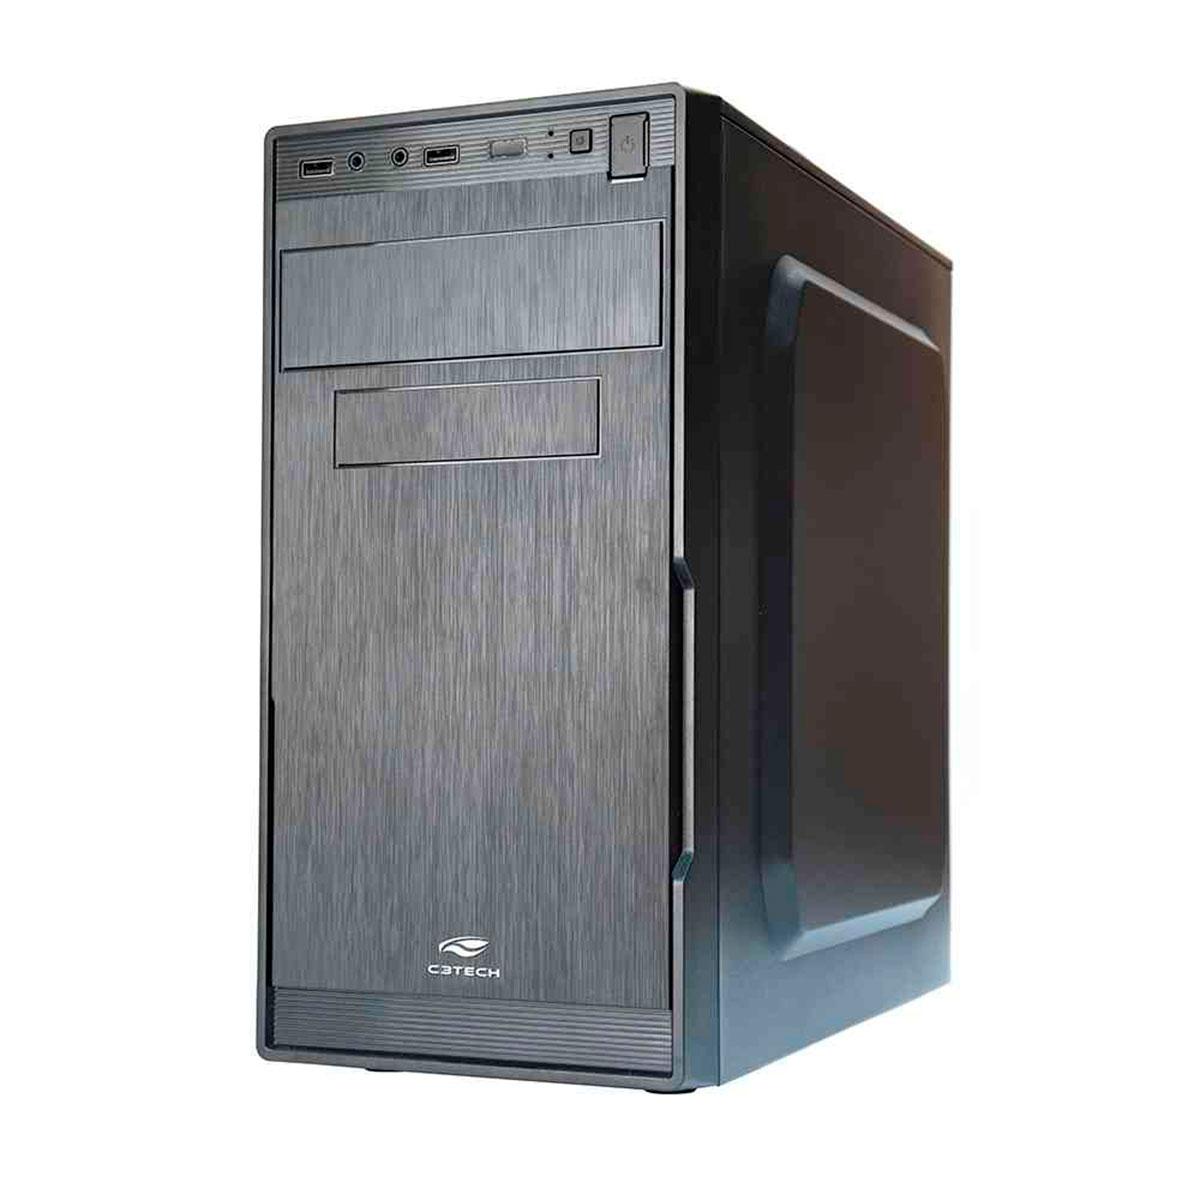 Gabinete C3Tech C3Plus MT-23V2BK Micro-ATX Fonte 200W Inclusa